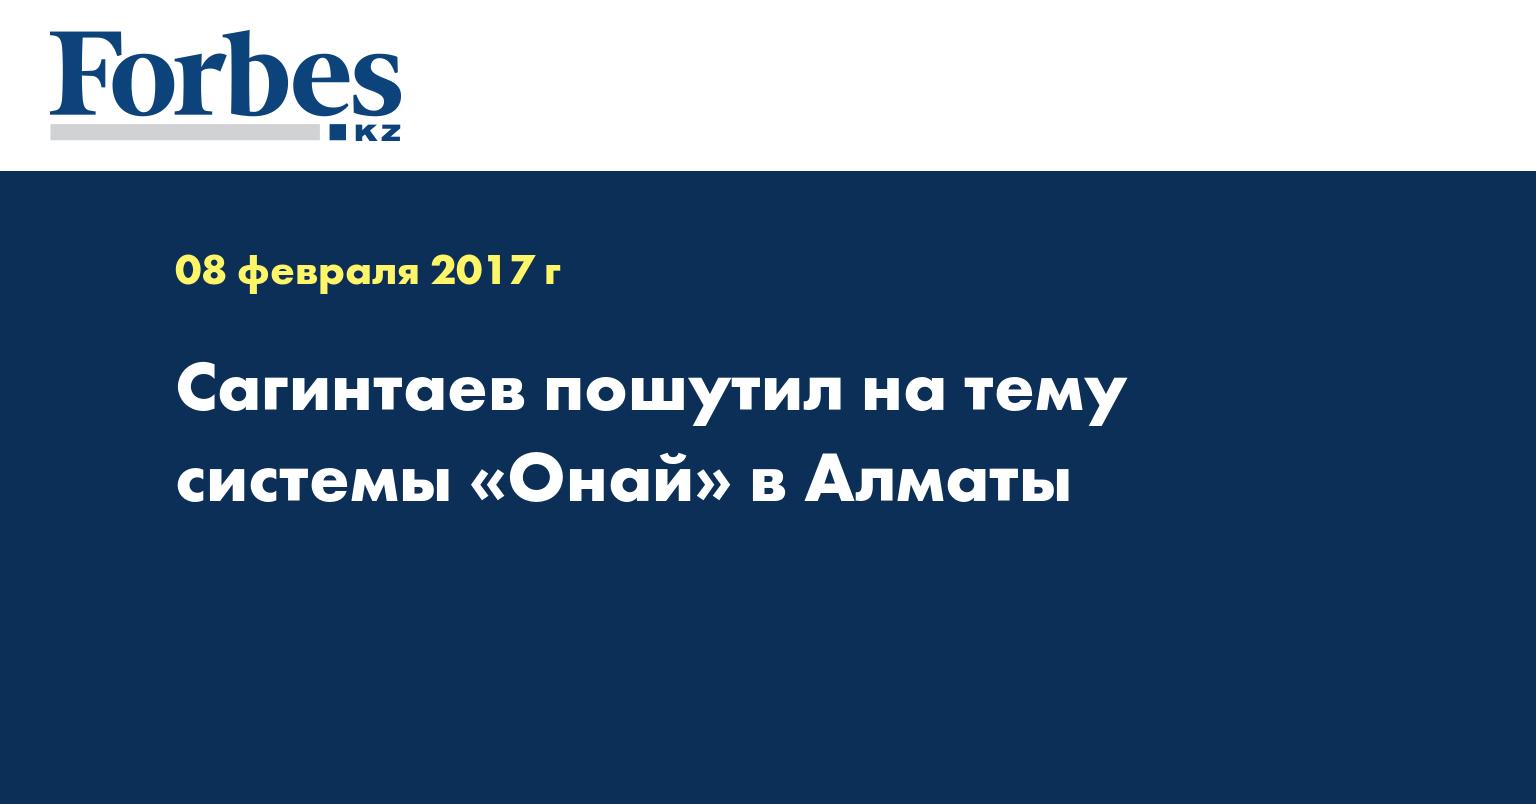 Сагинтаев пошутил на тему системы «Онай» в Алматы